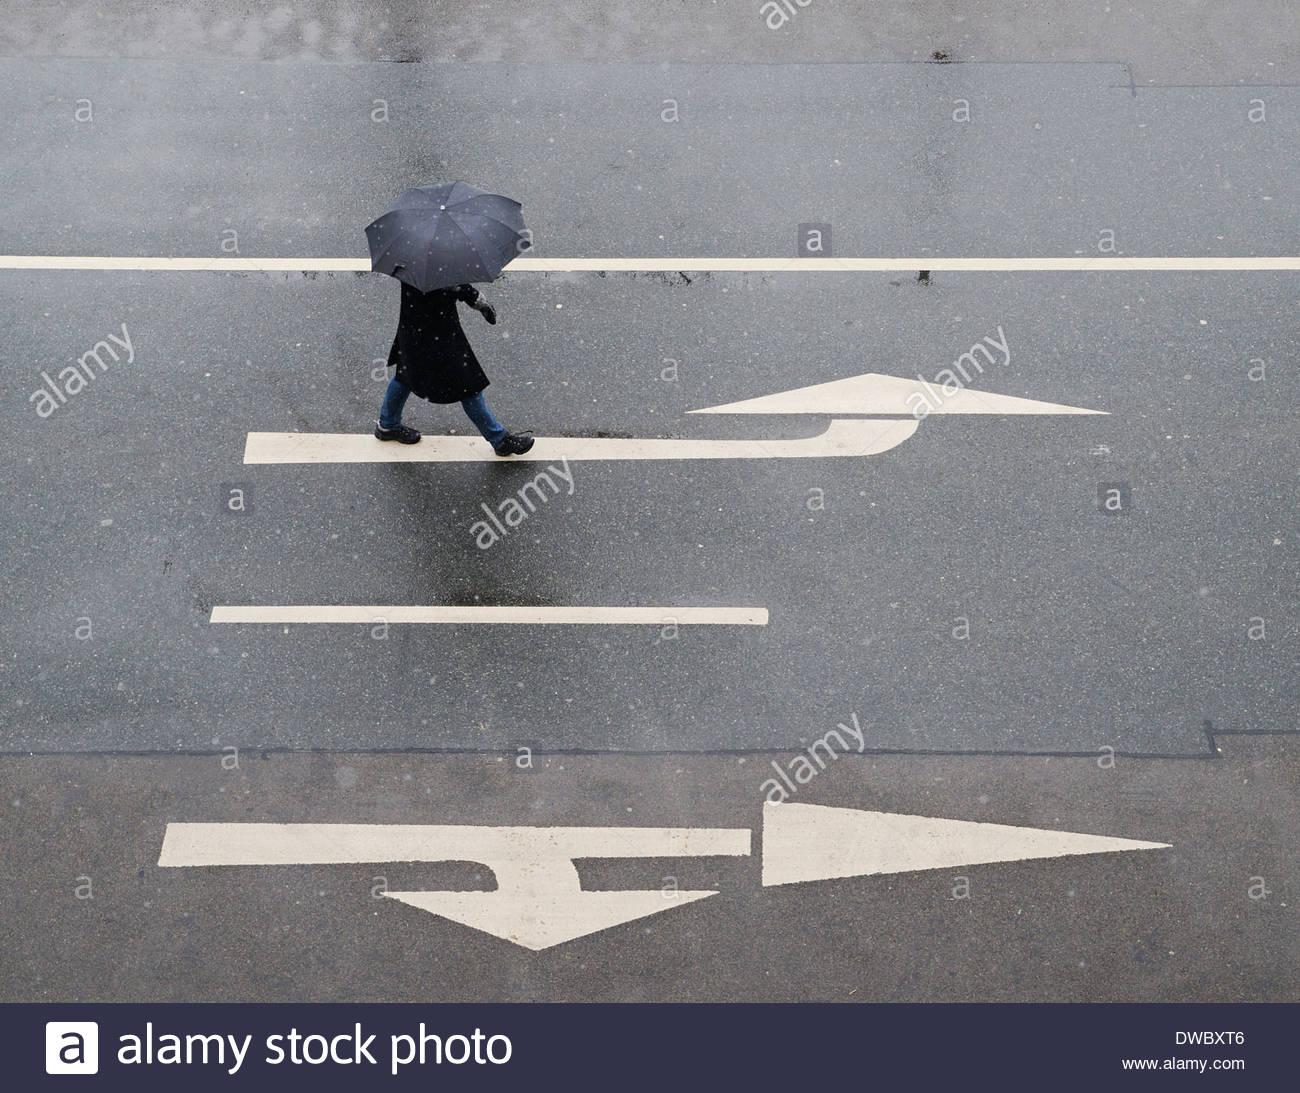 Elevato angolo di visione della donna con ombrello camminando sulla strada Immagini Stock